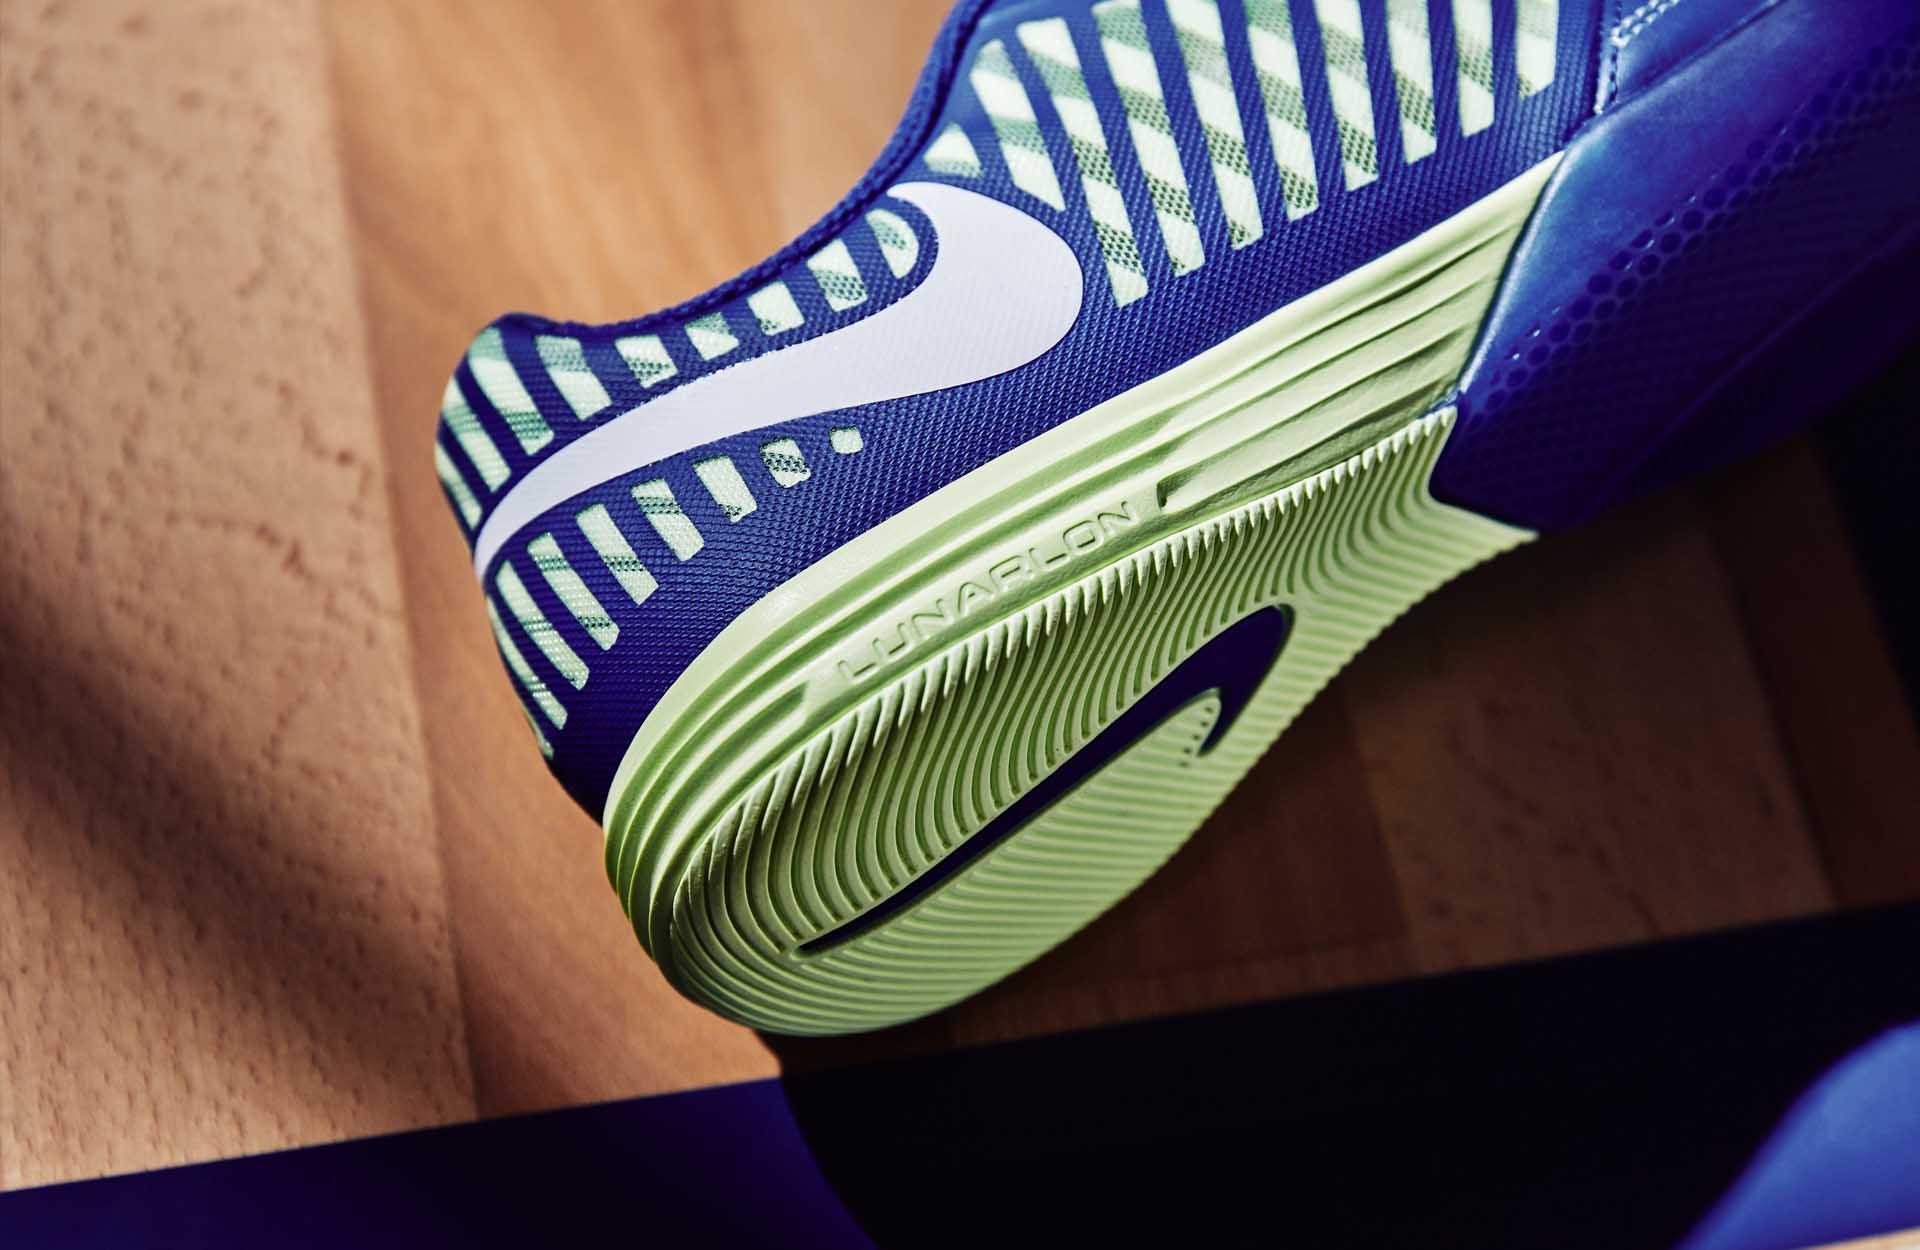 Giày bóng đá đế 2 lớp với 1 lớp Midsole đệm xốp bên trong và 1 lớp Outsole làm bằng cao su bên ngoài